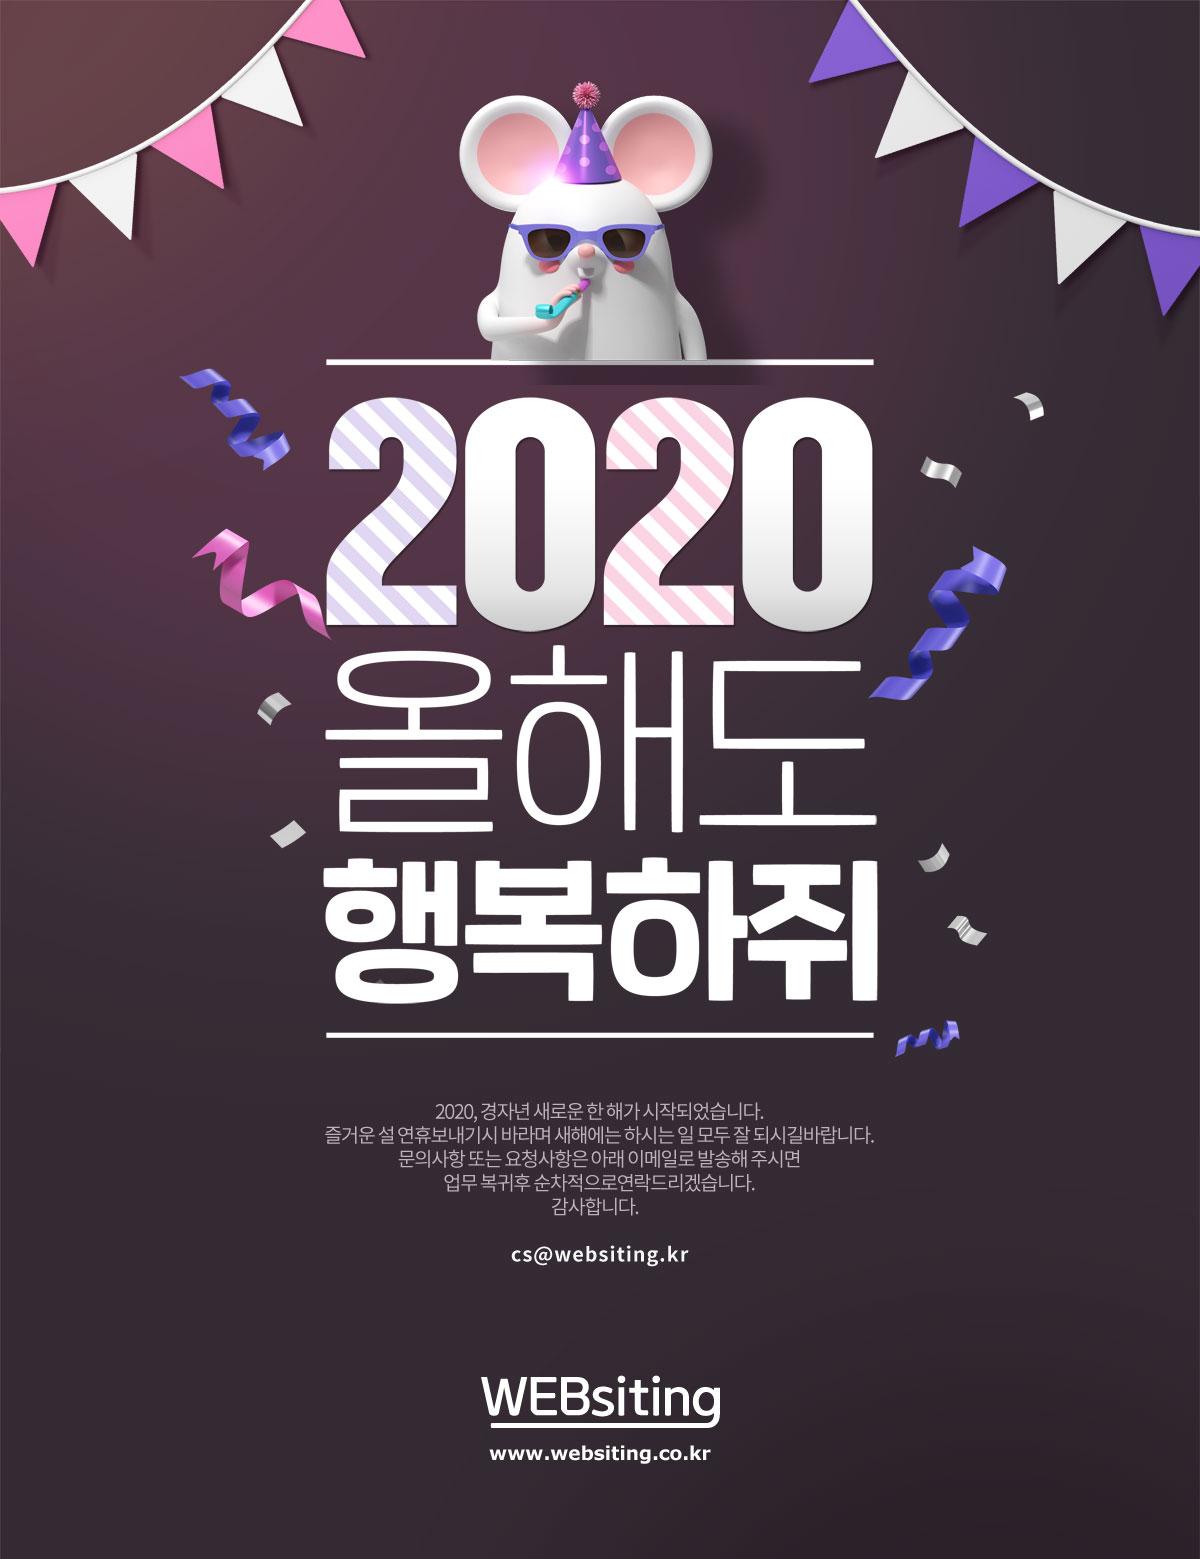 2020년 새해 복 많이 받으세요